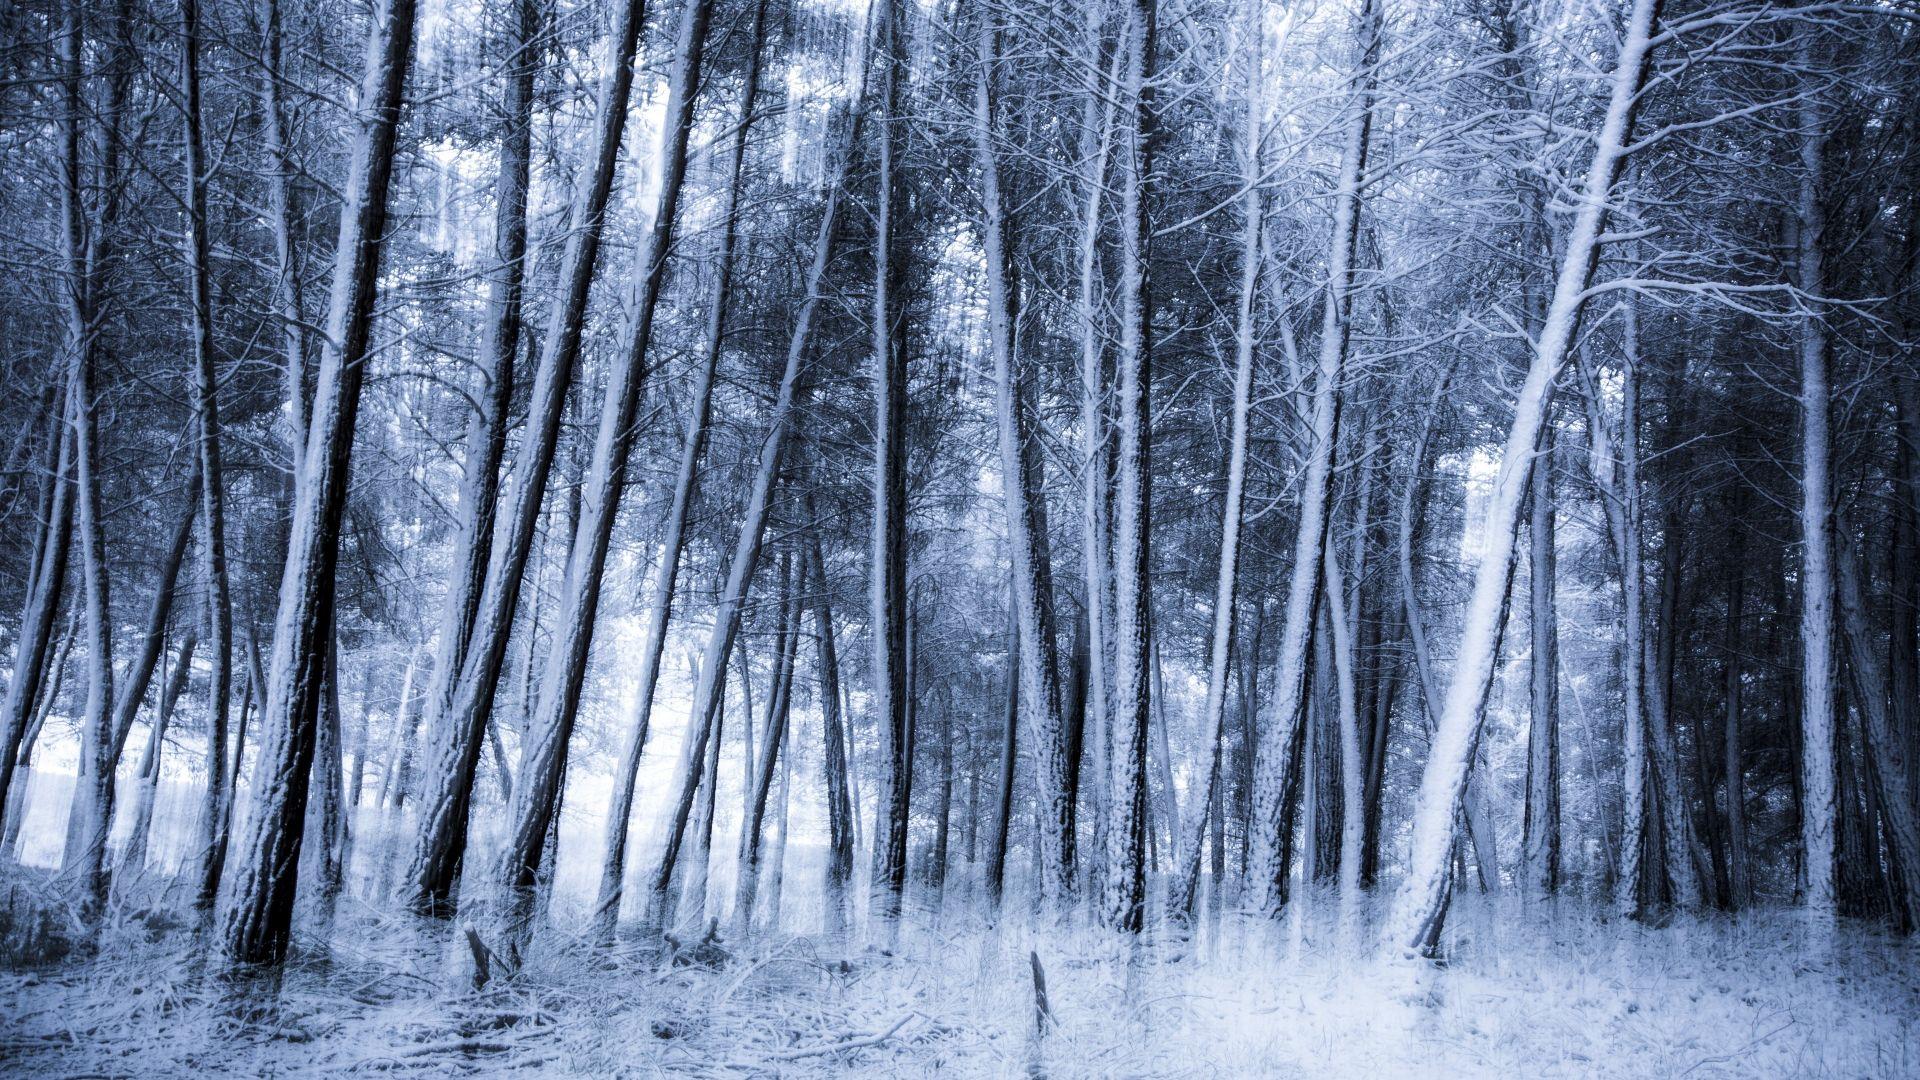 Un eternel hiver fond ecran 10 000 fonds d 39 cran hd for Fond ecran gratuit hiver